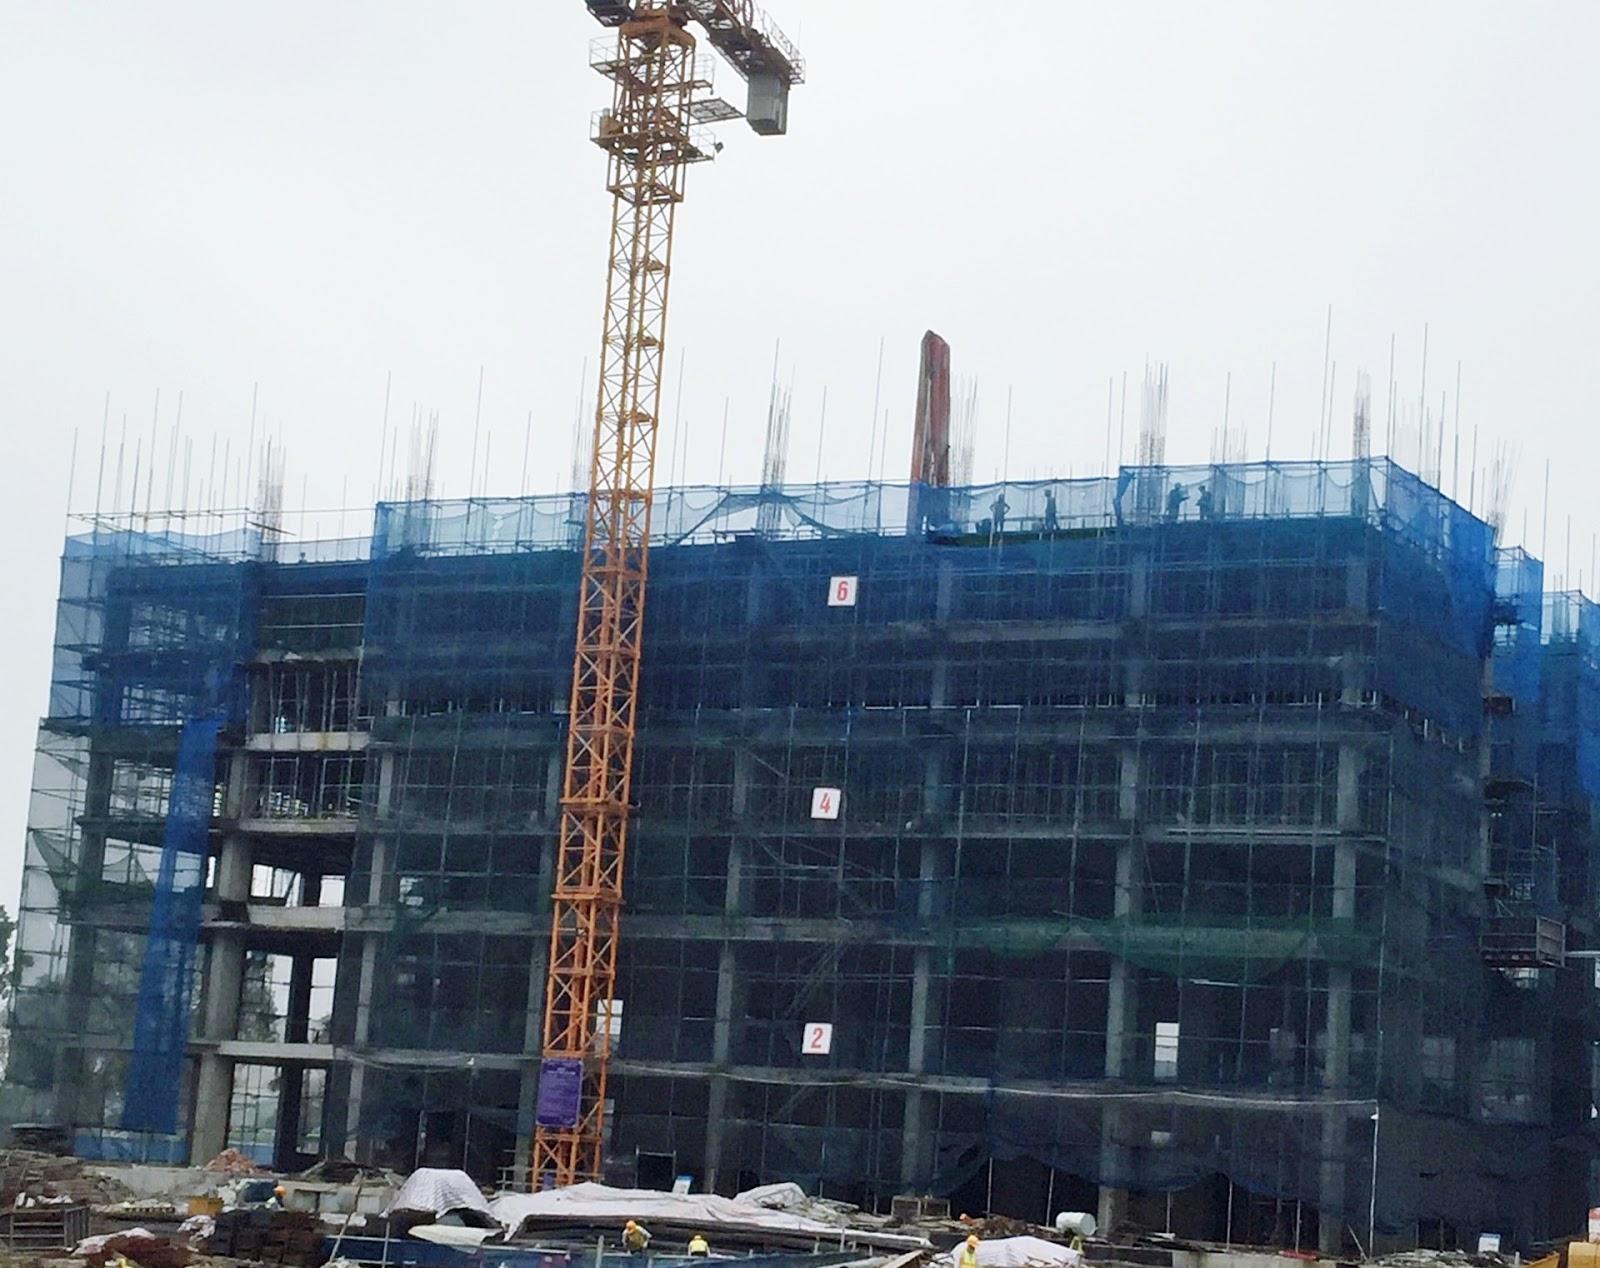 Tòa CT2 đã xây dựng tới tầng 7